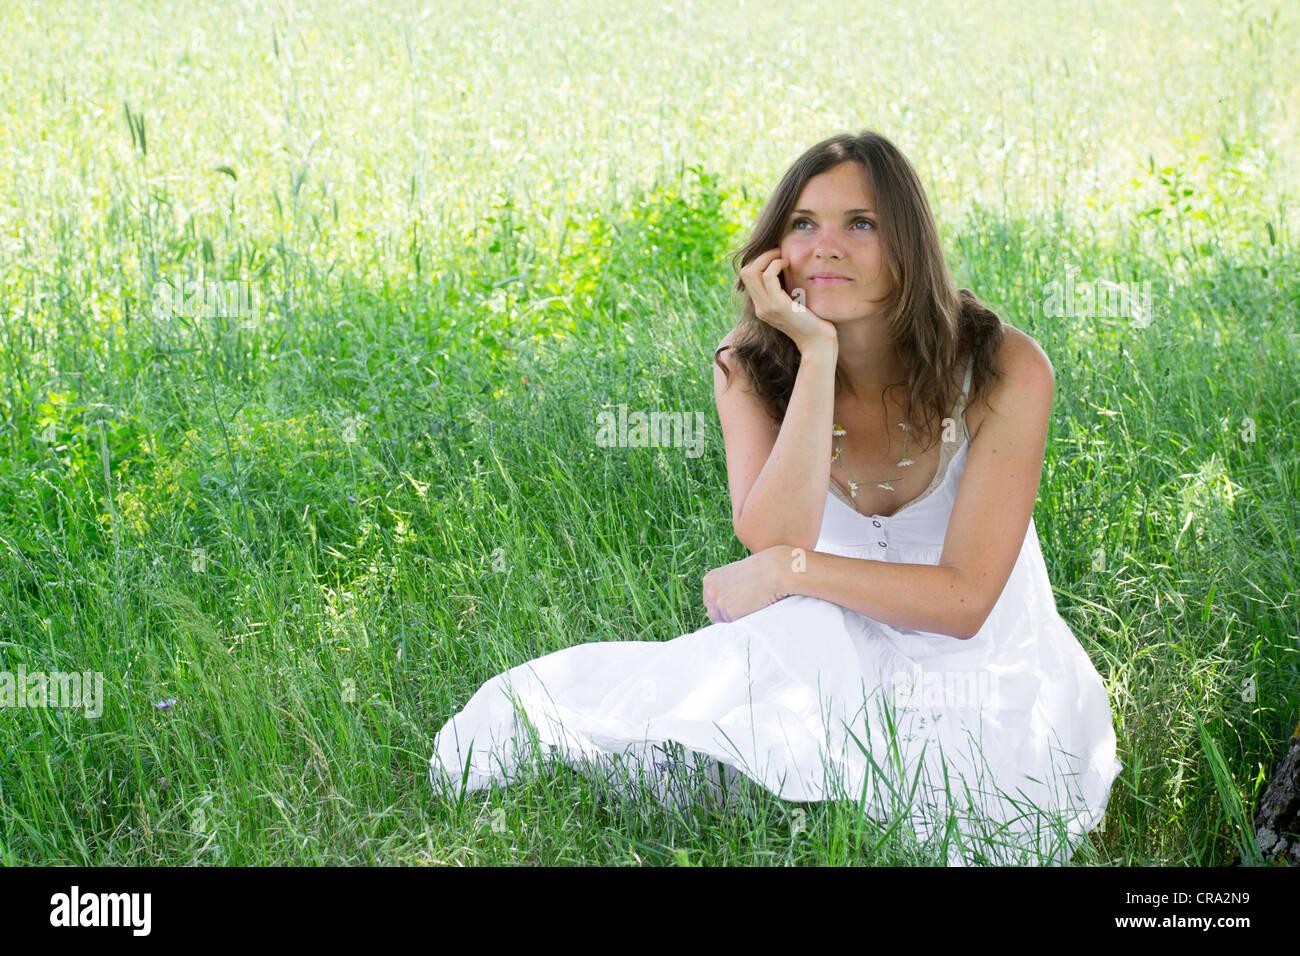 Eine Frau sitzt auf einer Wiese lächelt sich während Tagträumen Stockbild